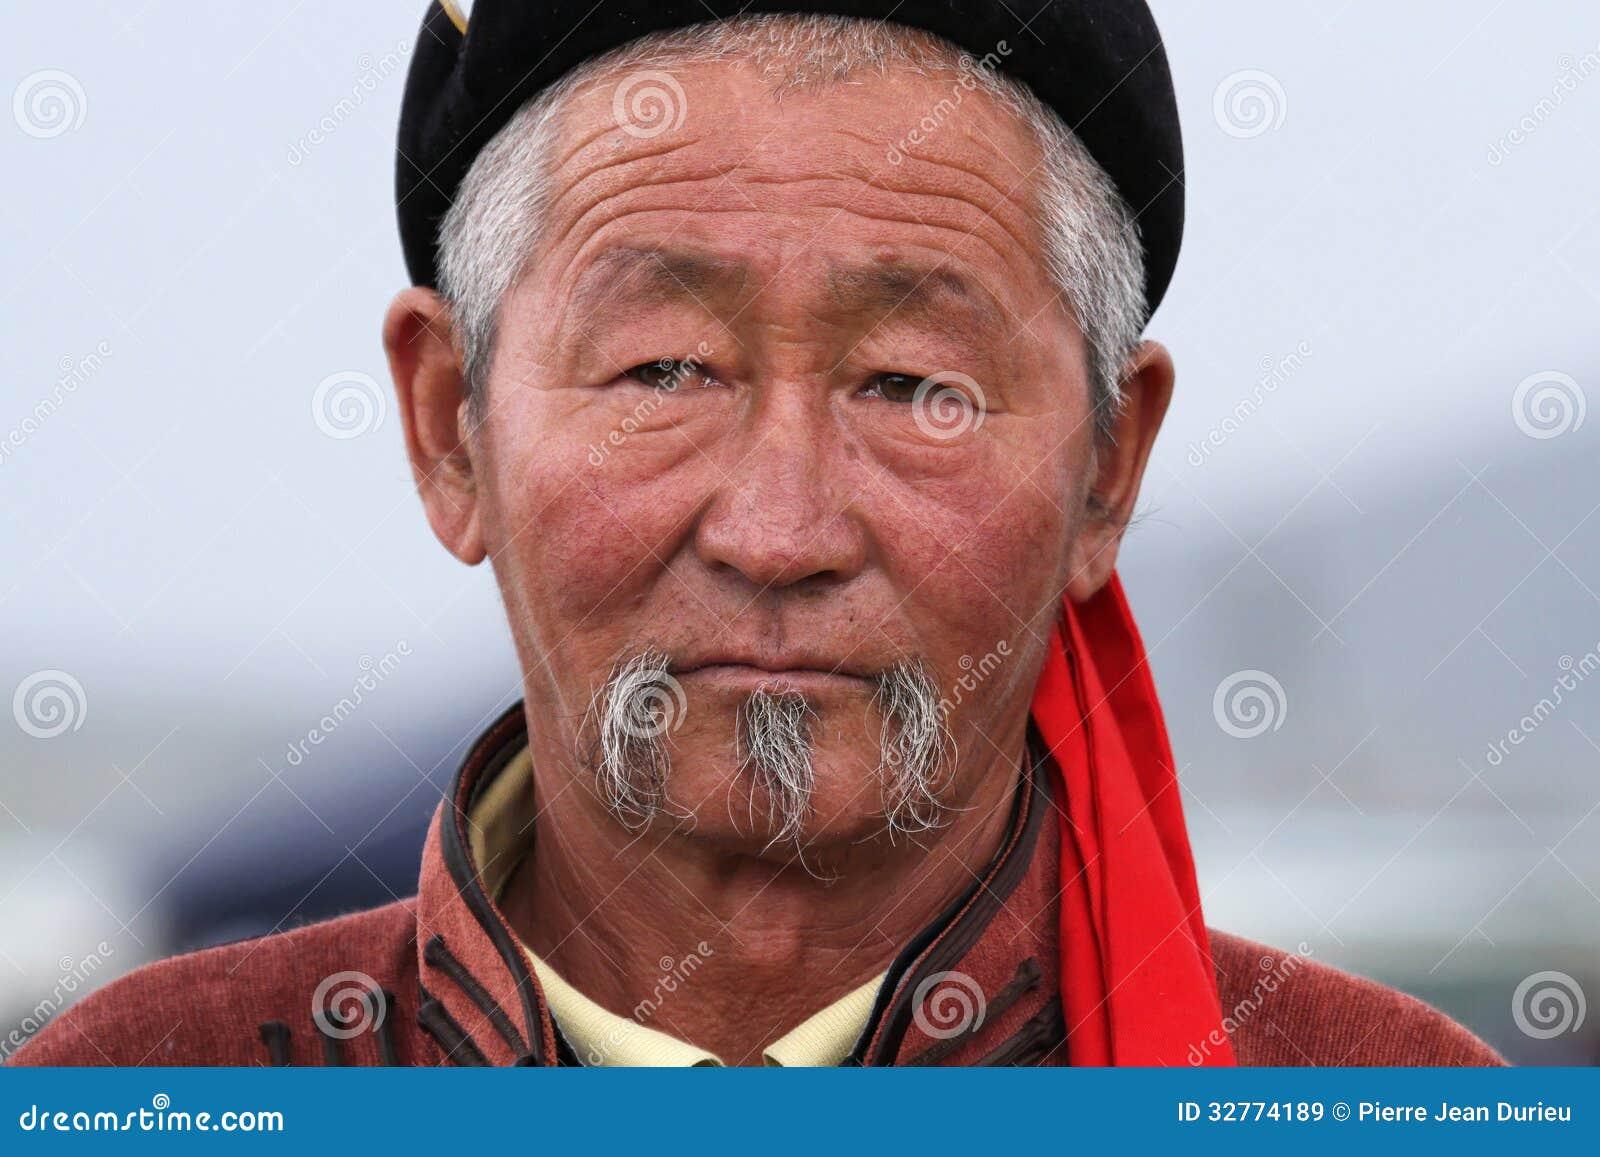 old-mongolian-man-kharkhorin-mongolia-ju